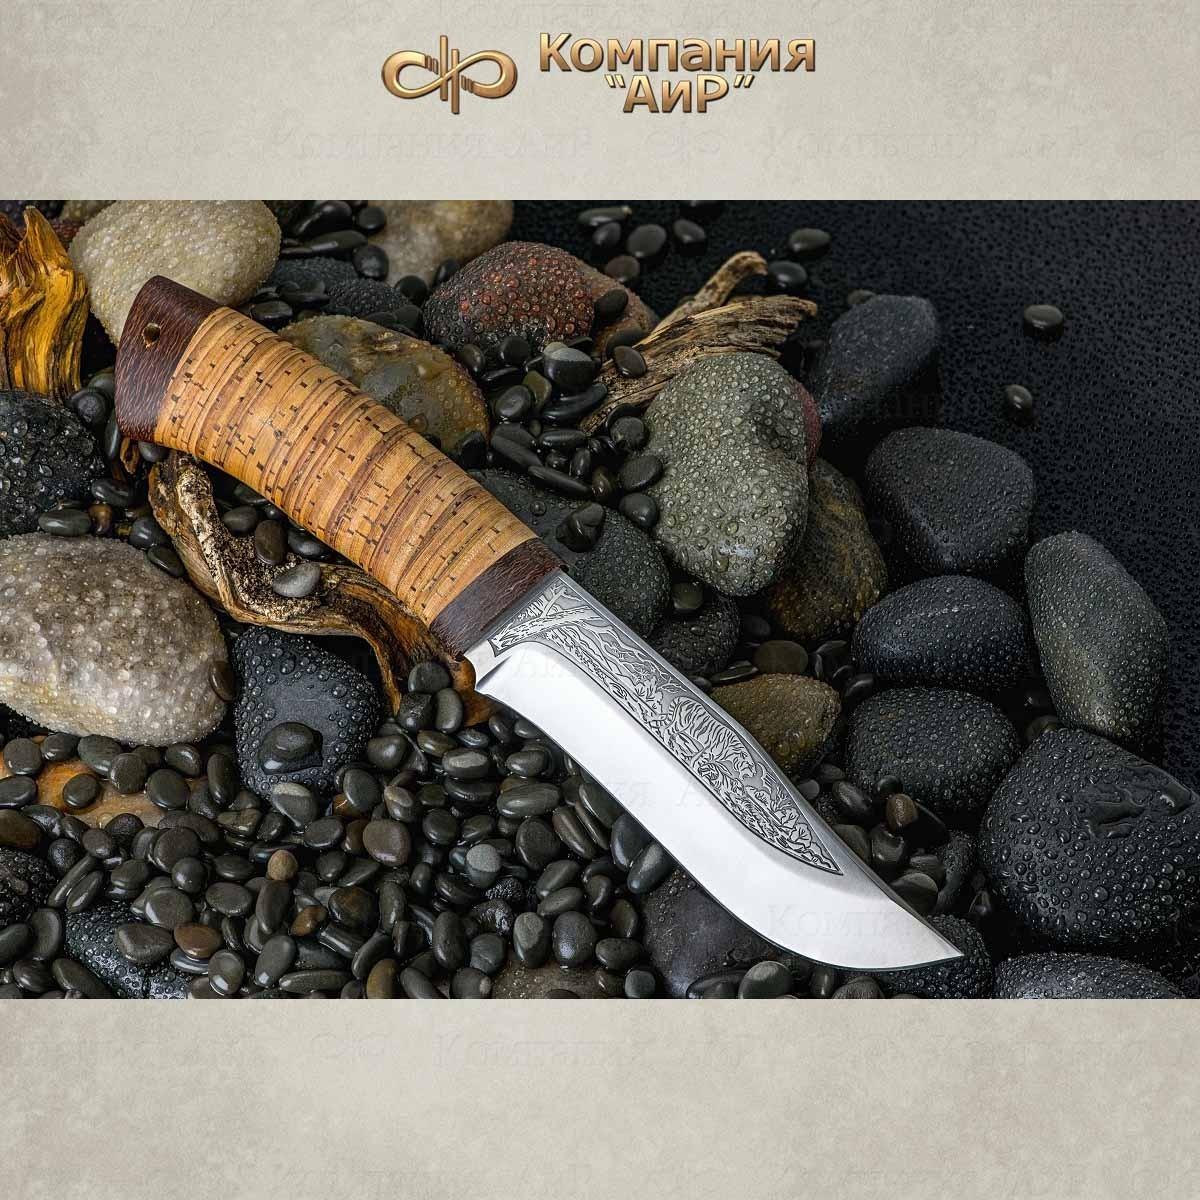 Нож разделочный АиР Клычок-3, сталь М390, рукоять береста